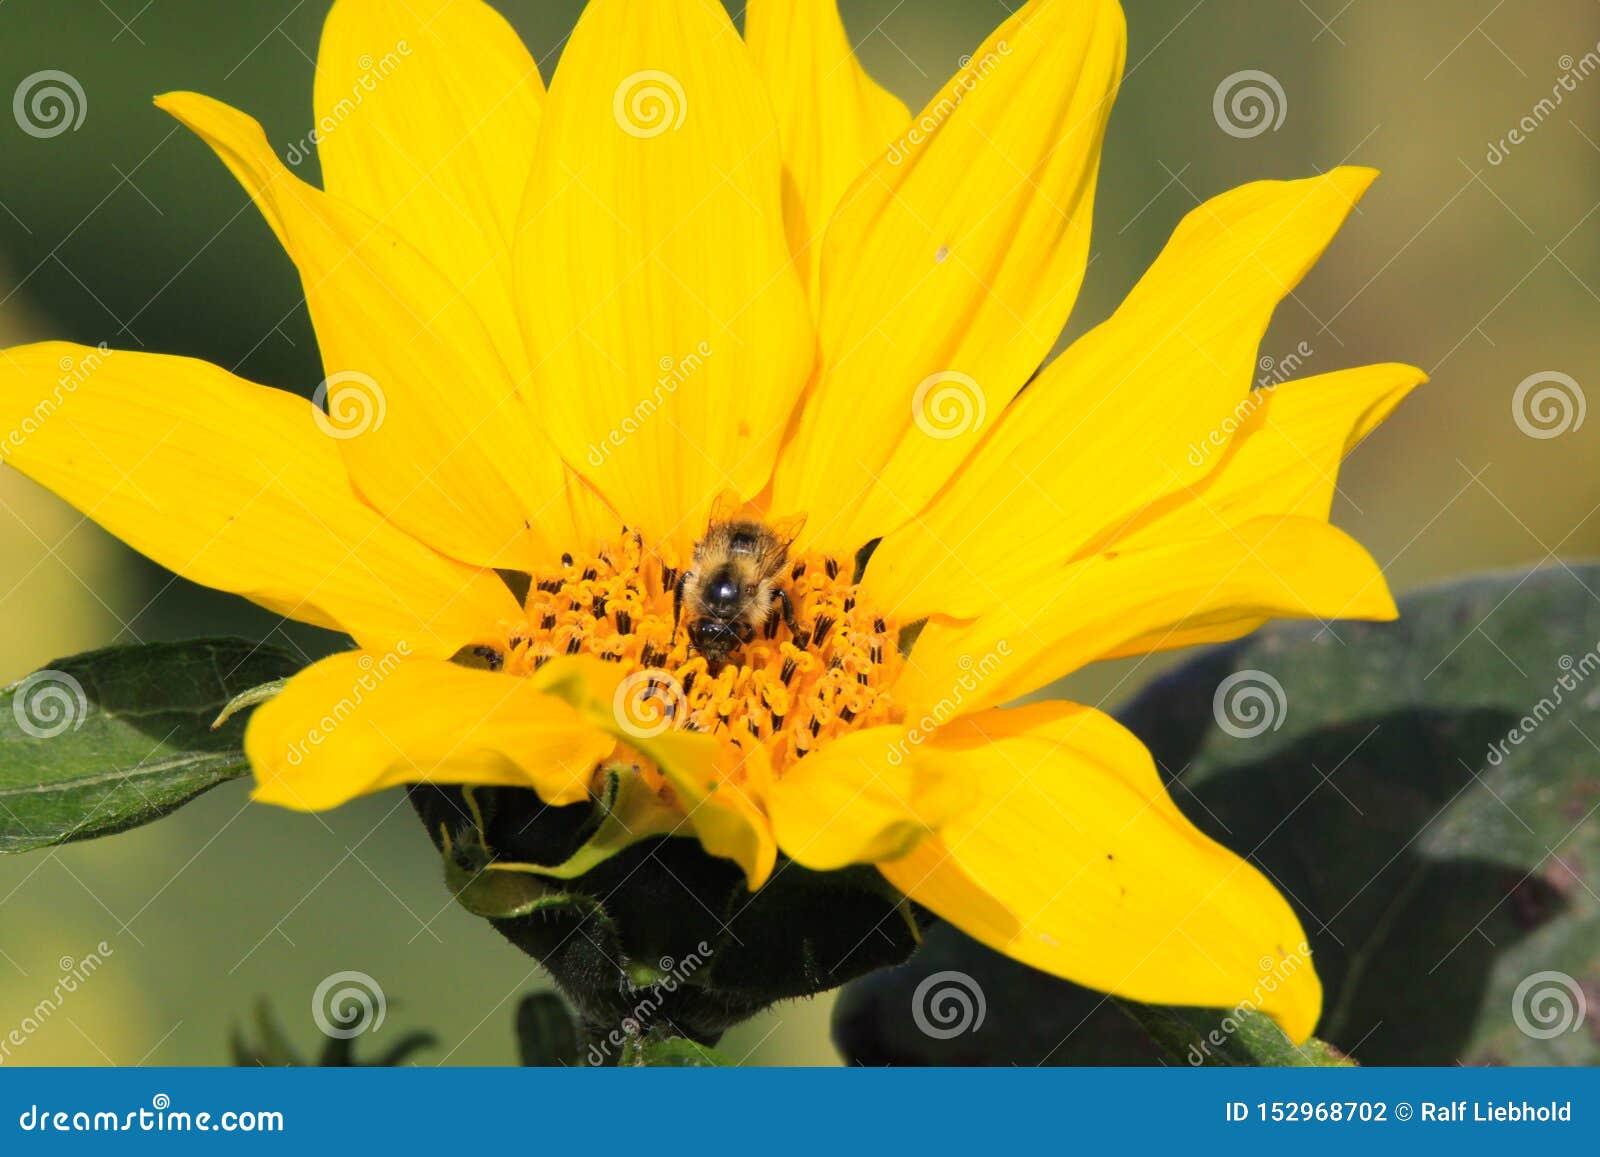 Schließen Sie oben von hellem gelbem Sonnenblumenblüte Helianthus Annuus mit lokalisierter Bestäubungsbiene - Viersen, Deutschlan